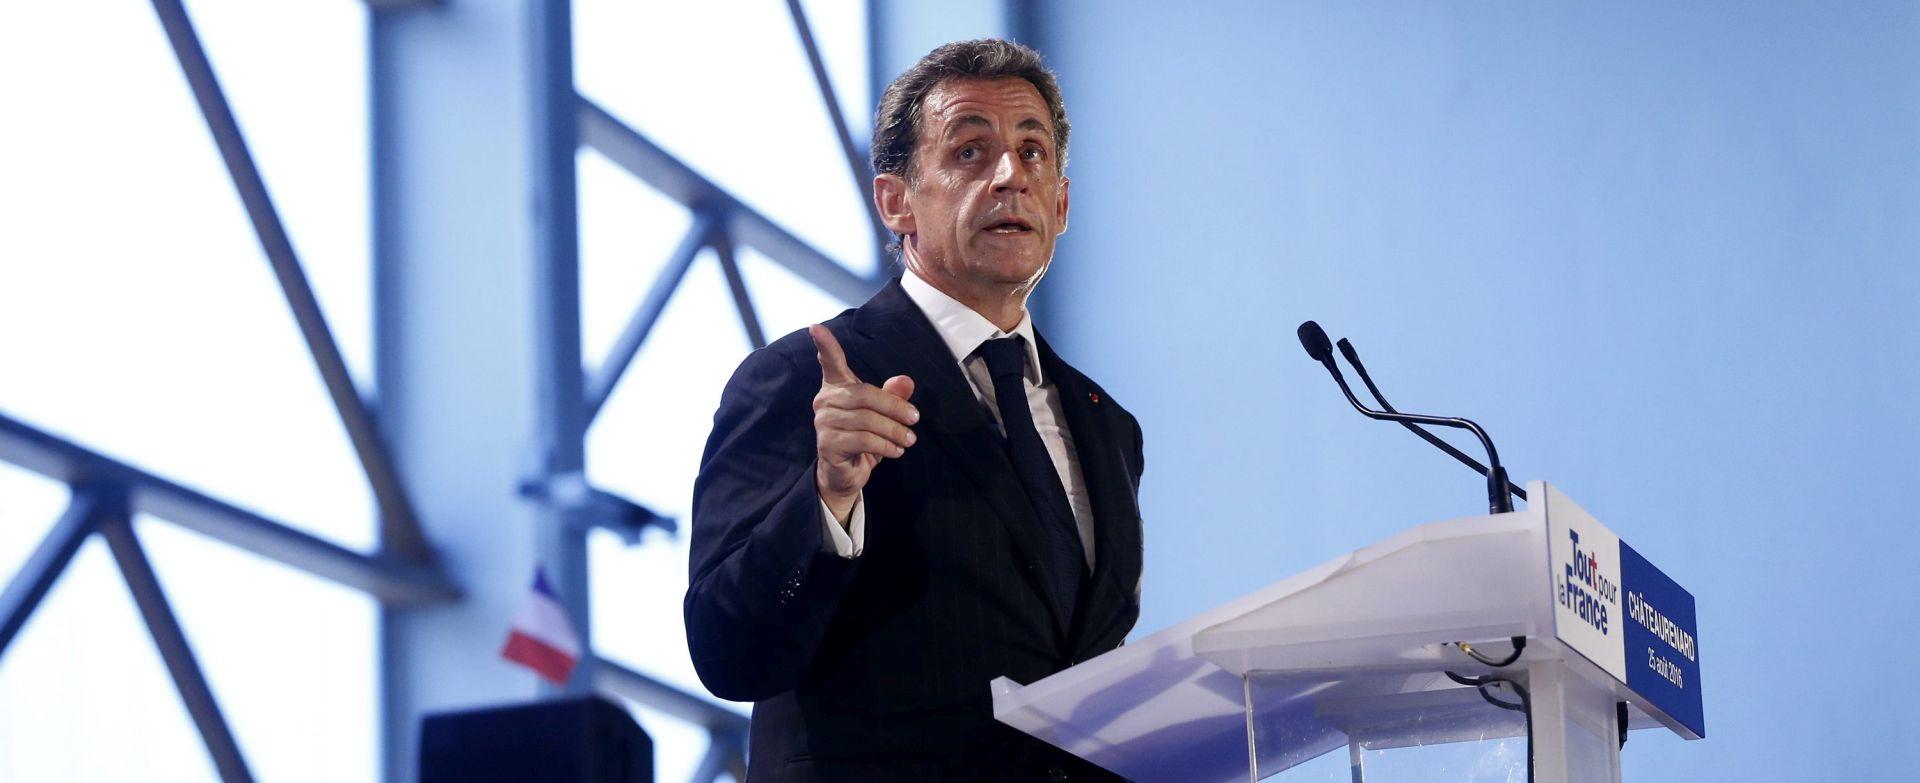 Svjedok potvrdio da je prebacio novac iz Libije za Sarkozya